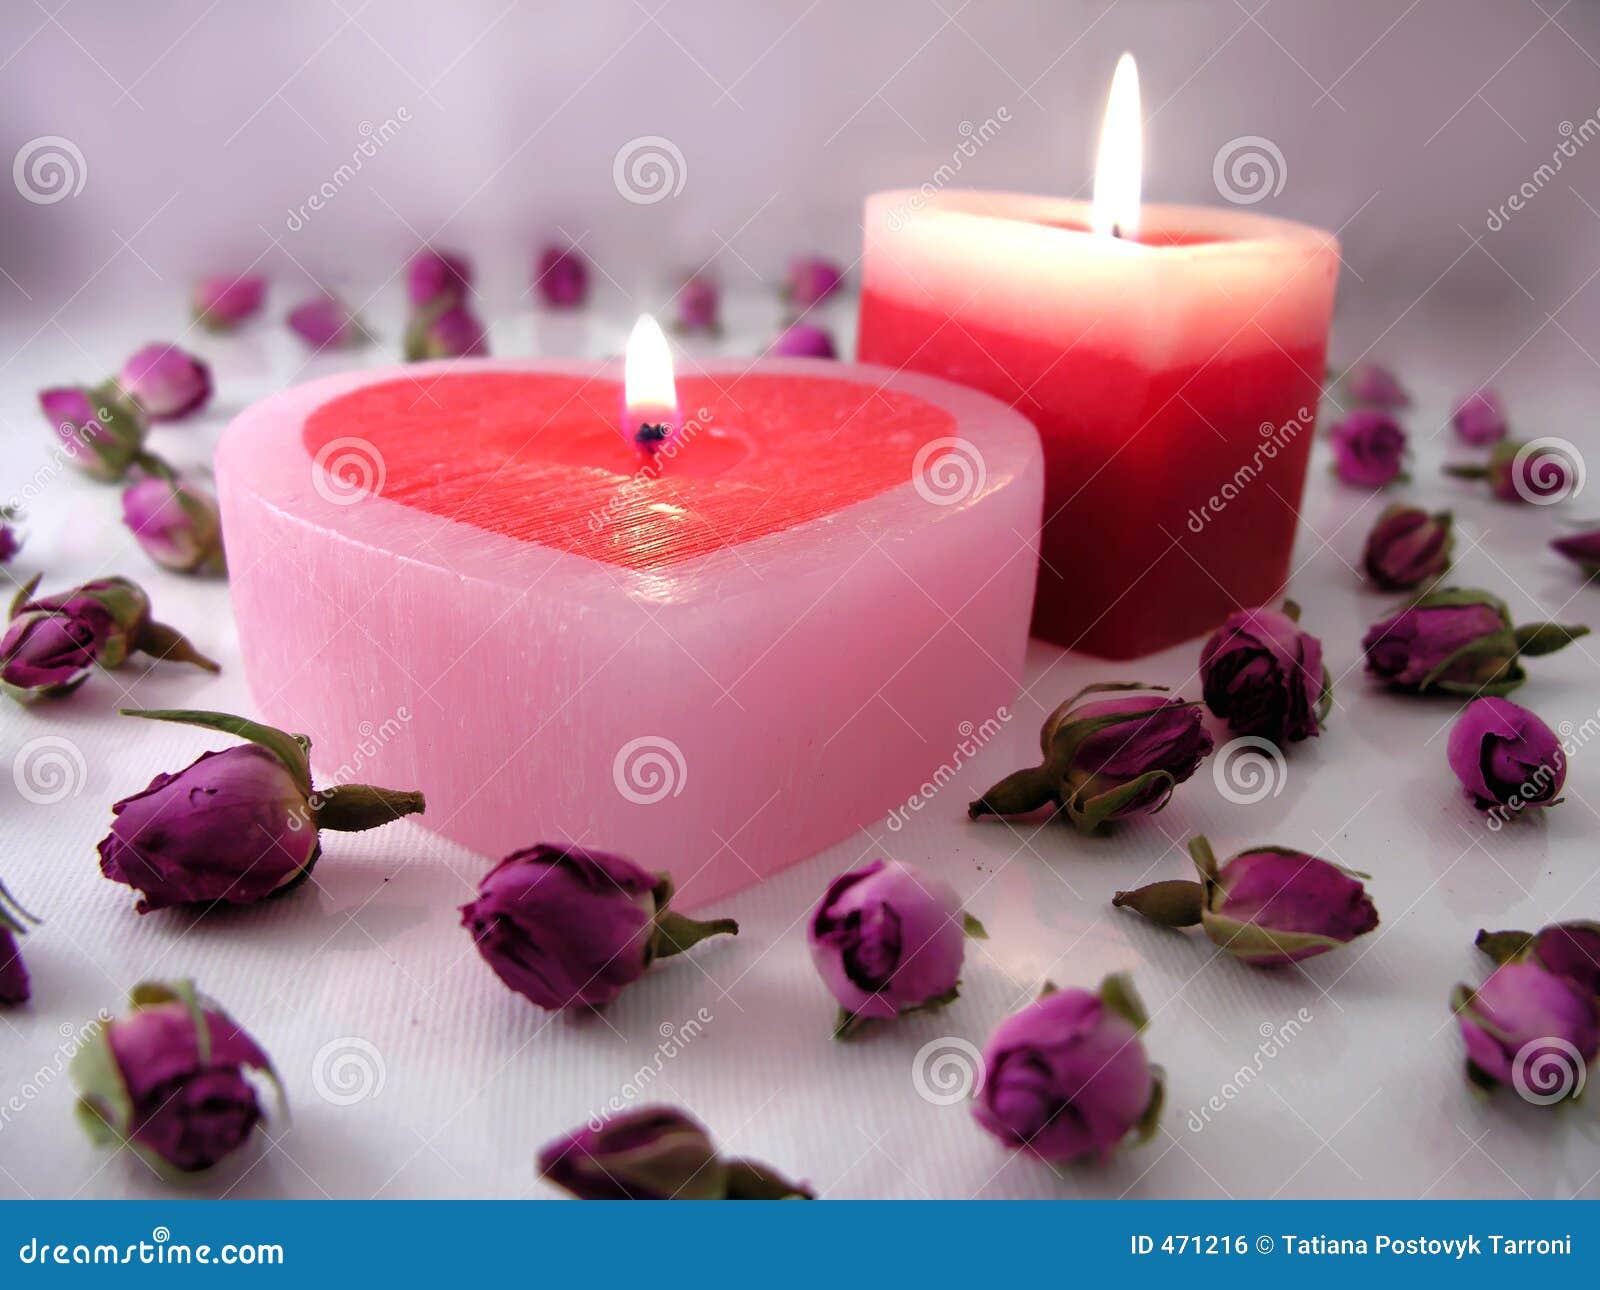 bougies en forme de coeur avec des boutons de rose photo stock image 471216. Black Bedroom Furniture Sets. Home Design Ideas